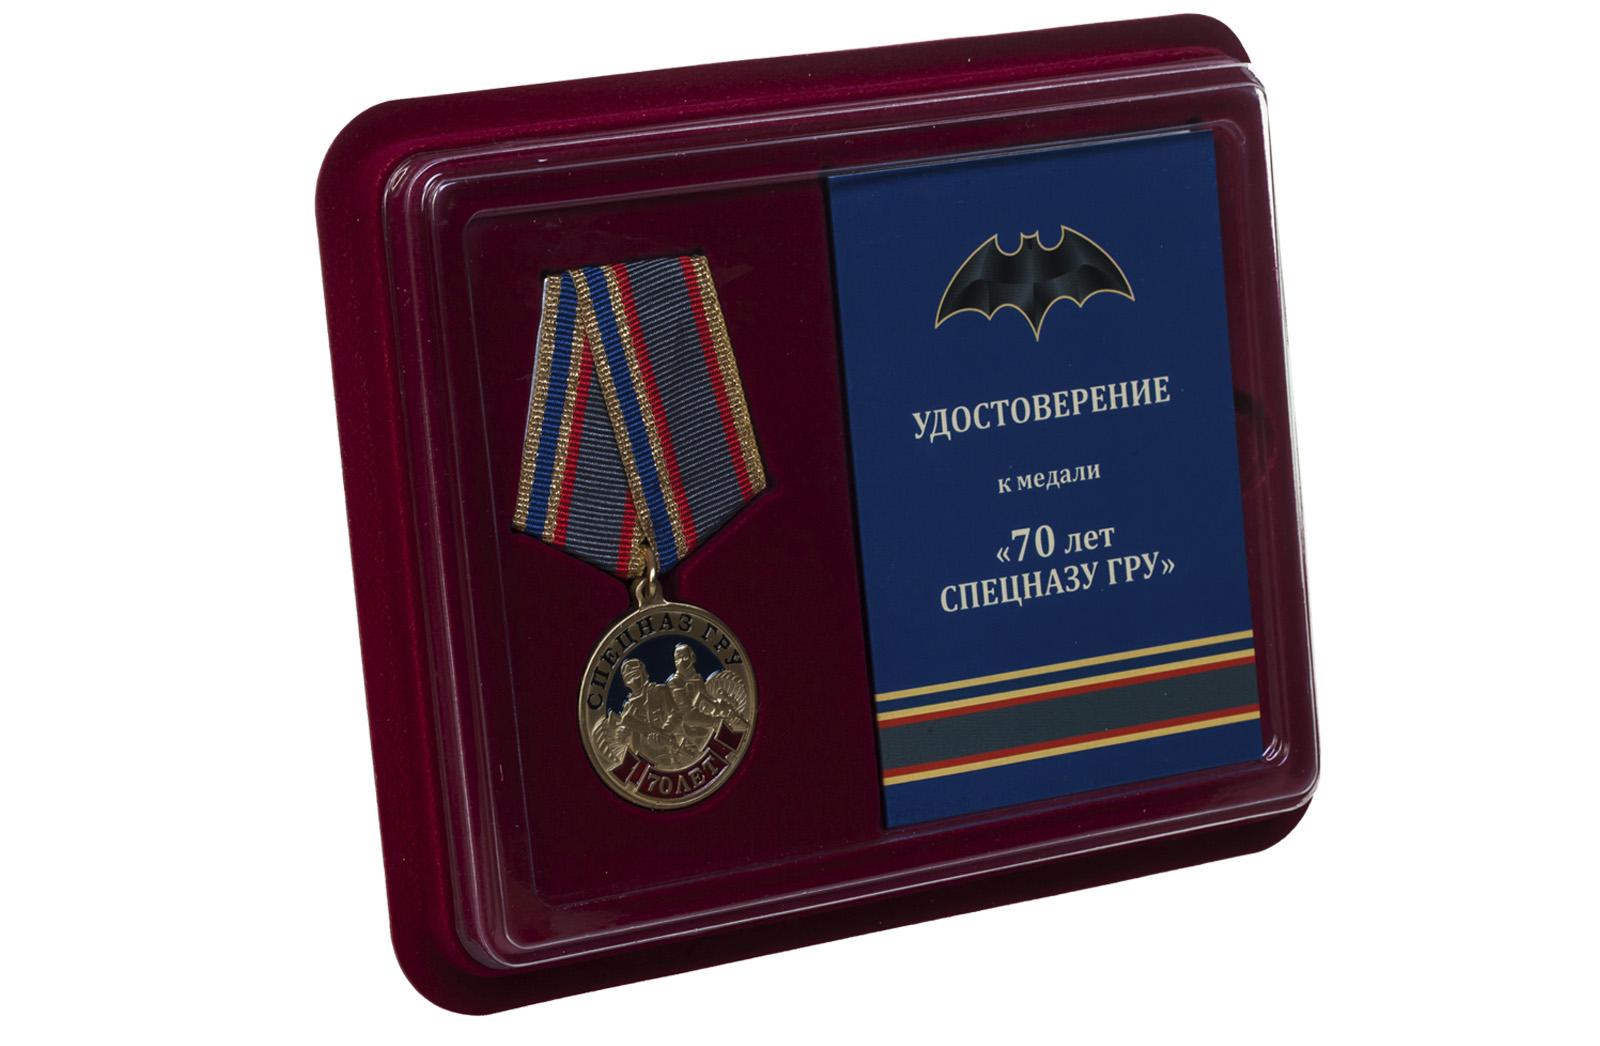 Купить юбилейную медаль 70 лет Спецназу ГРУ с доставкой в ваш город